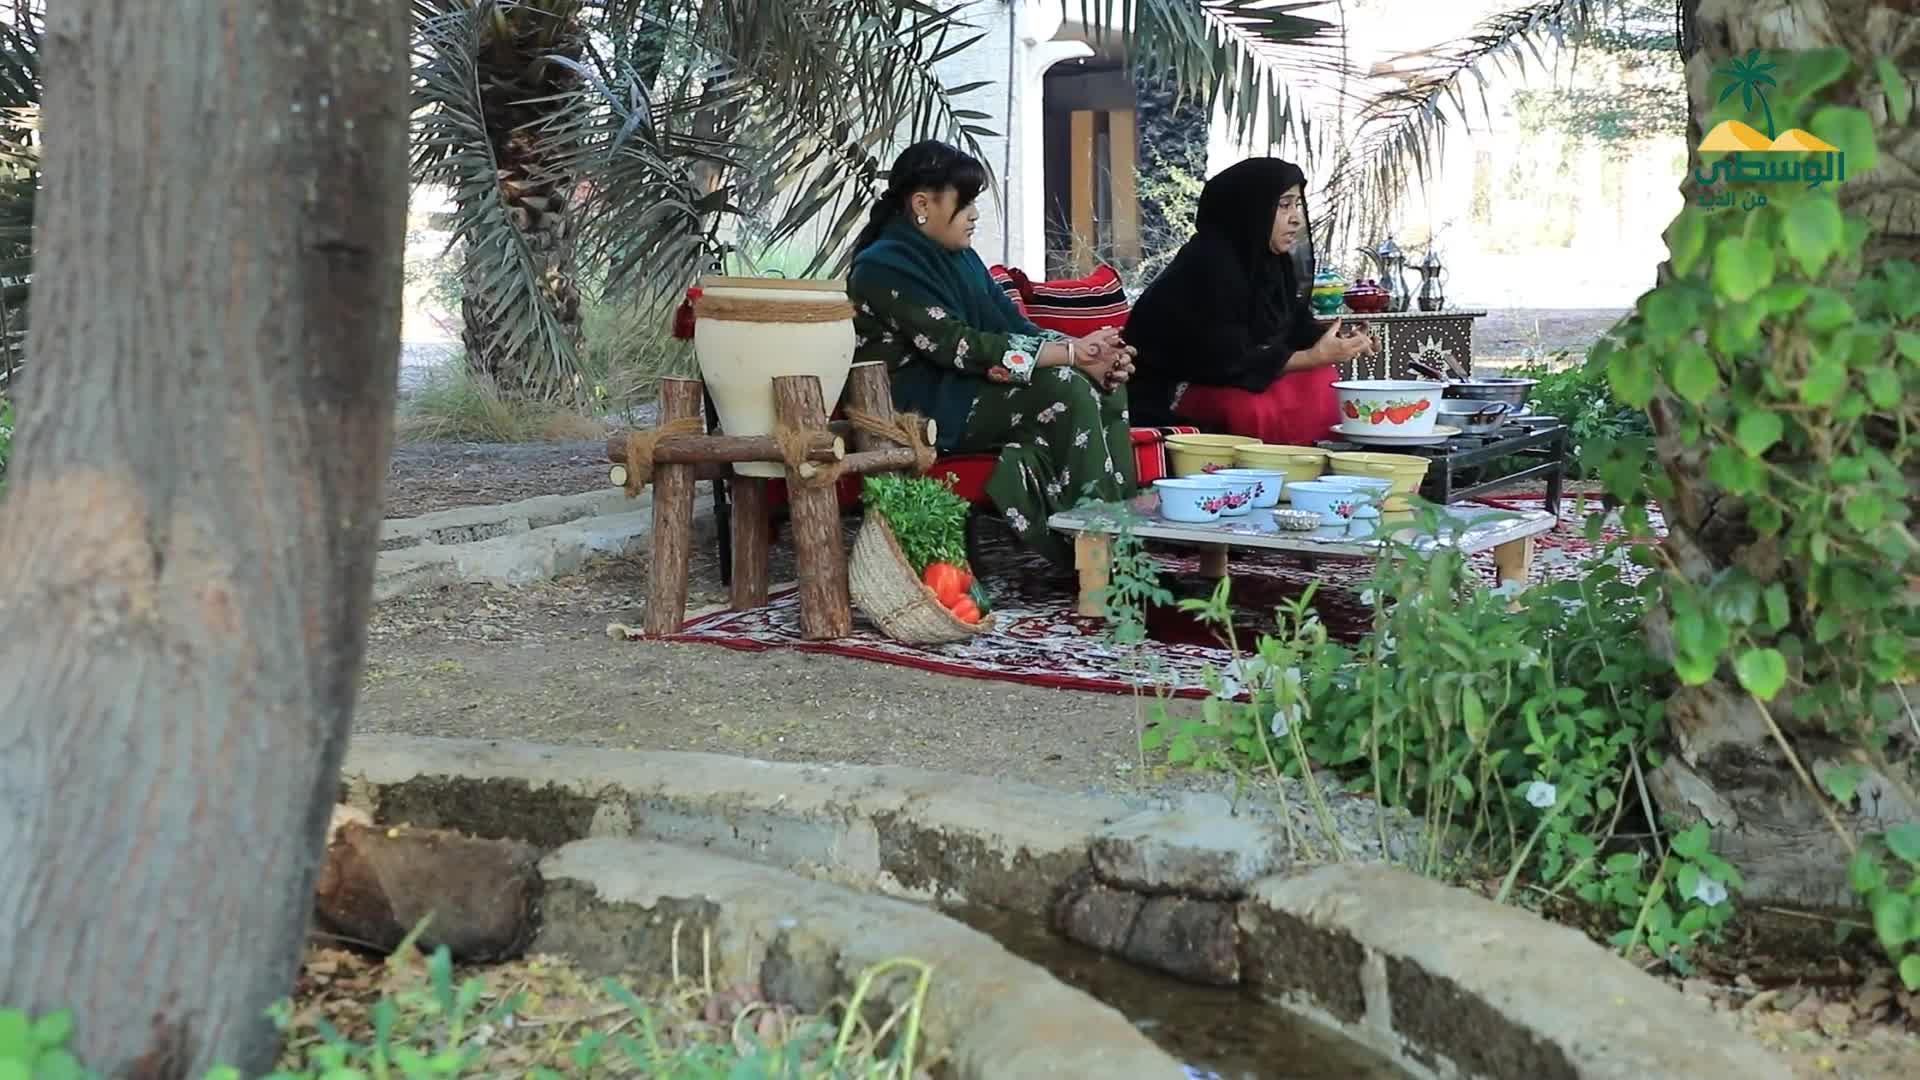 زاد البدو - لقيمات قروص